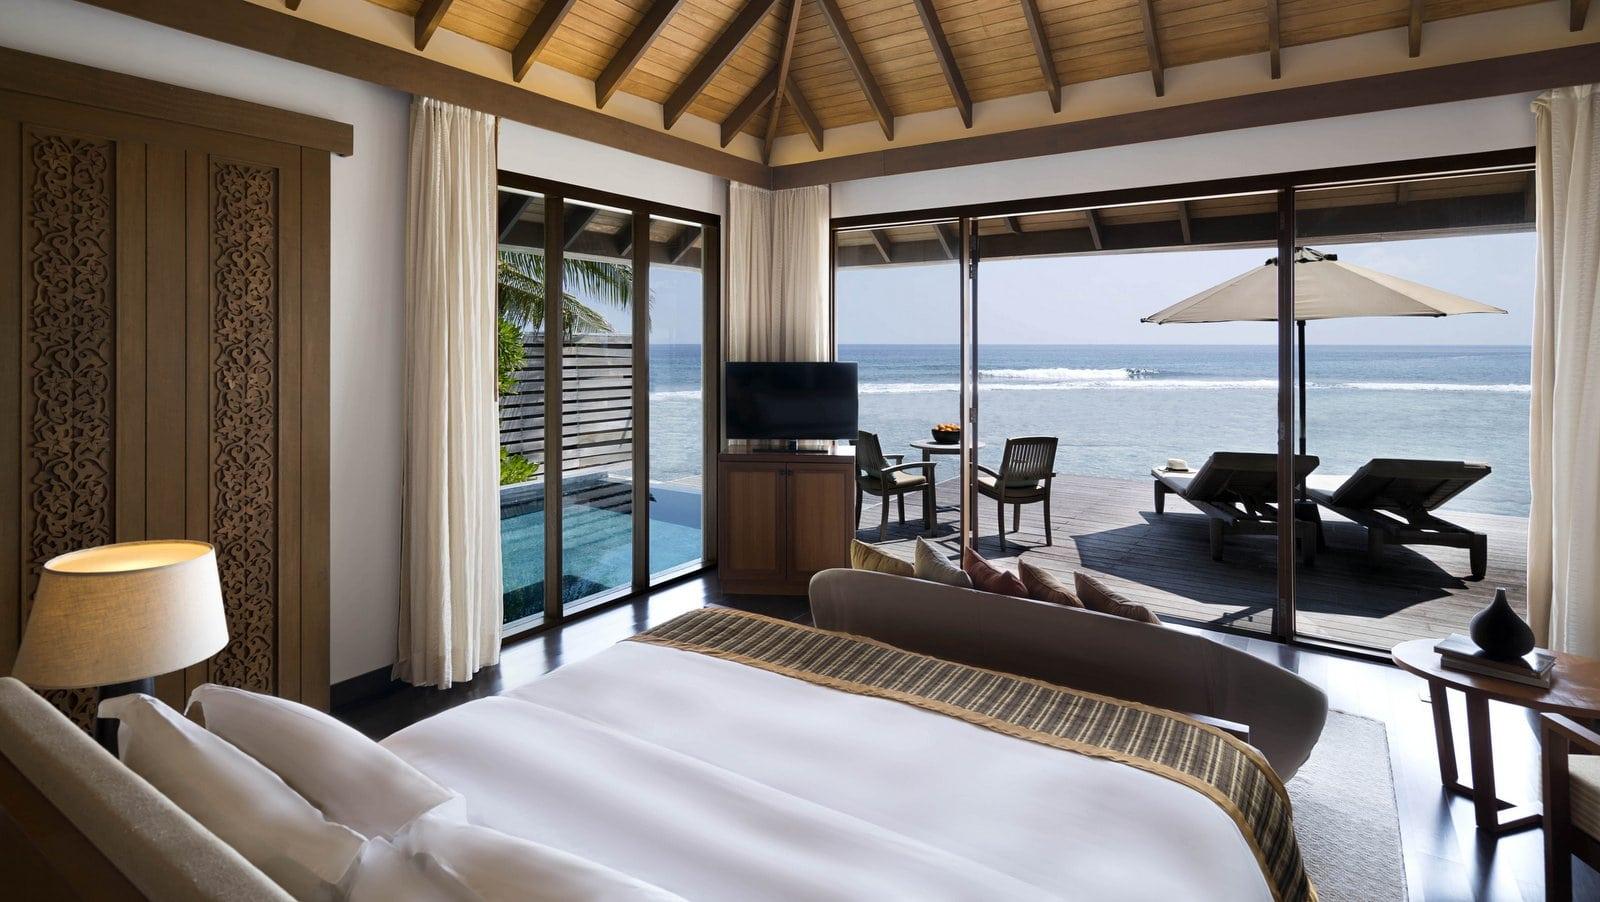 Мальдивы, отель Anantara Veli Resort, номер Ocean Pool Bungalow